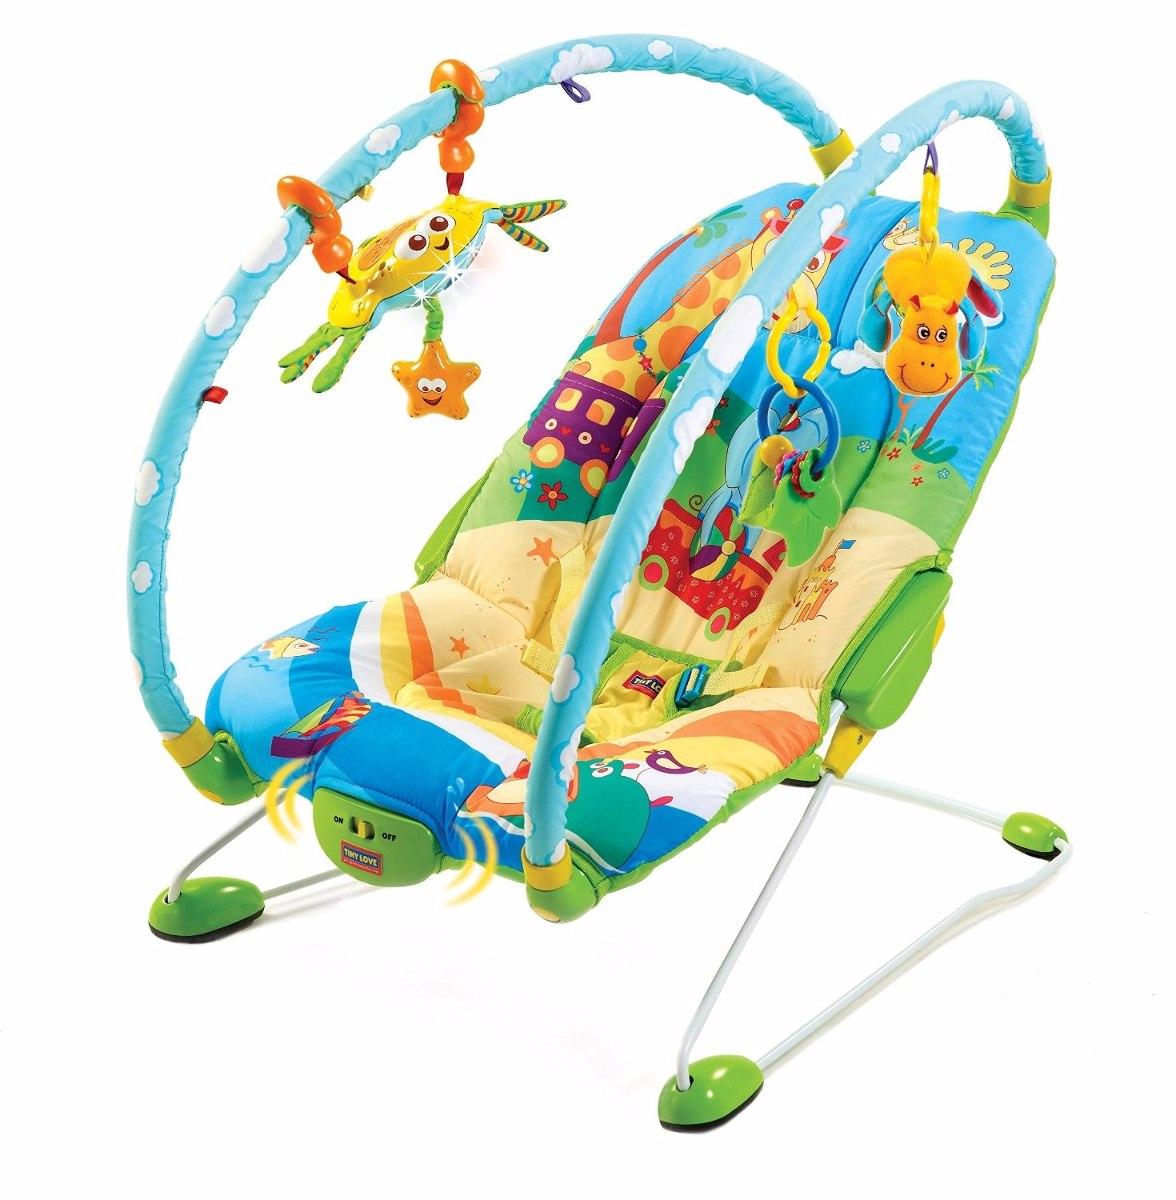 #0B8BC0 Cadeira De Balanço Tiny Love Gymini Bouncer Azul/amarelo R$ 499  1176x1200 px cadeira de balanço para bebe mercado livre @ bernauer.info Móveis Antigos Novos E Usados Online